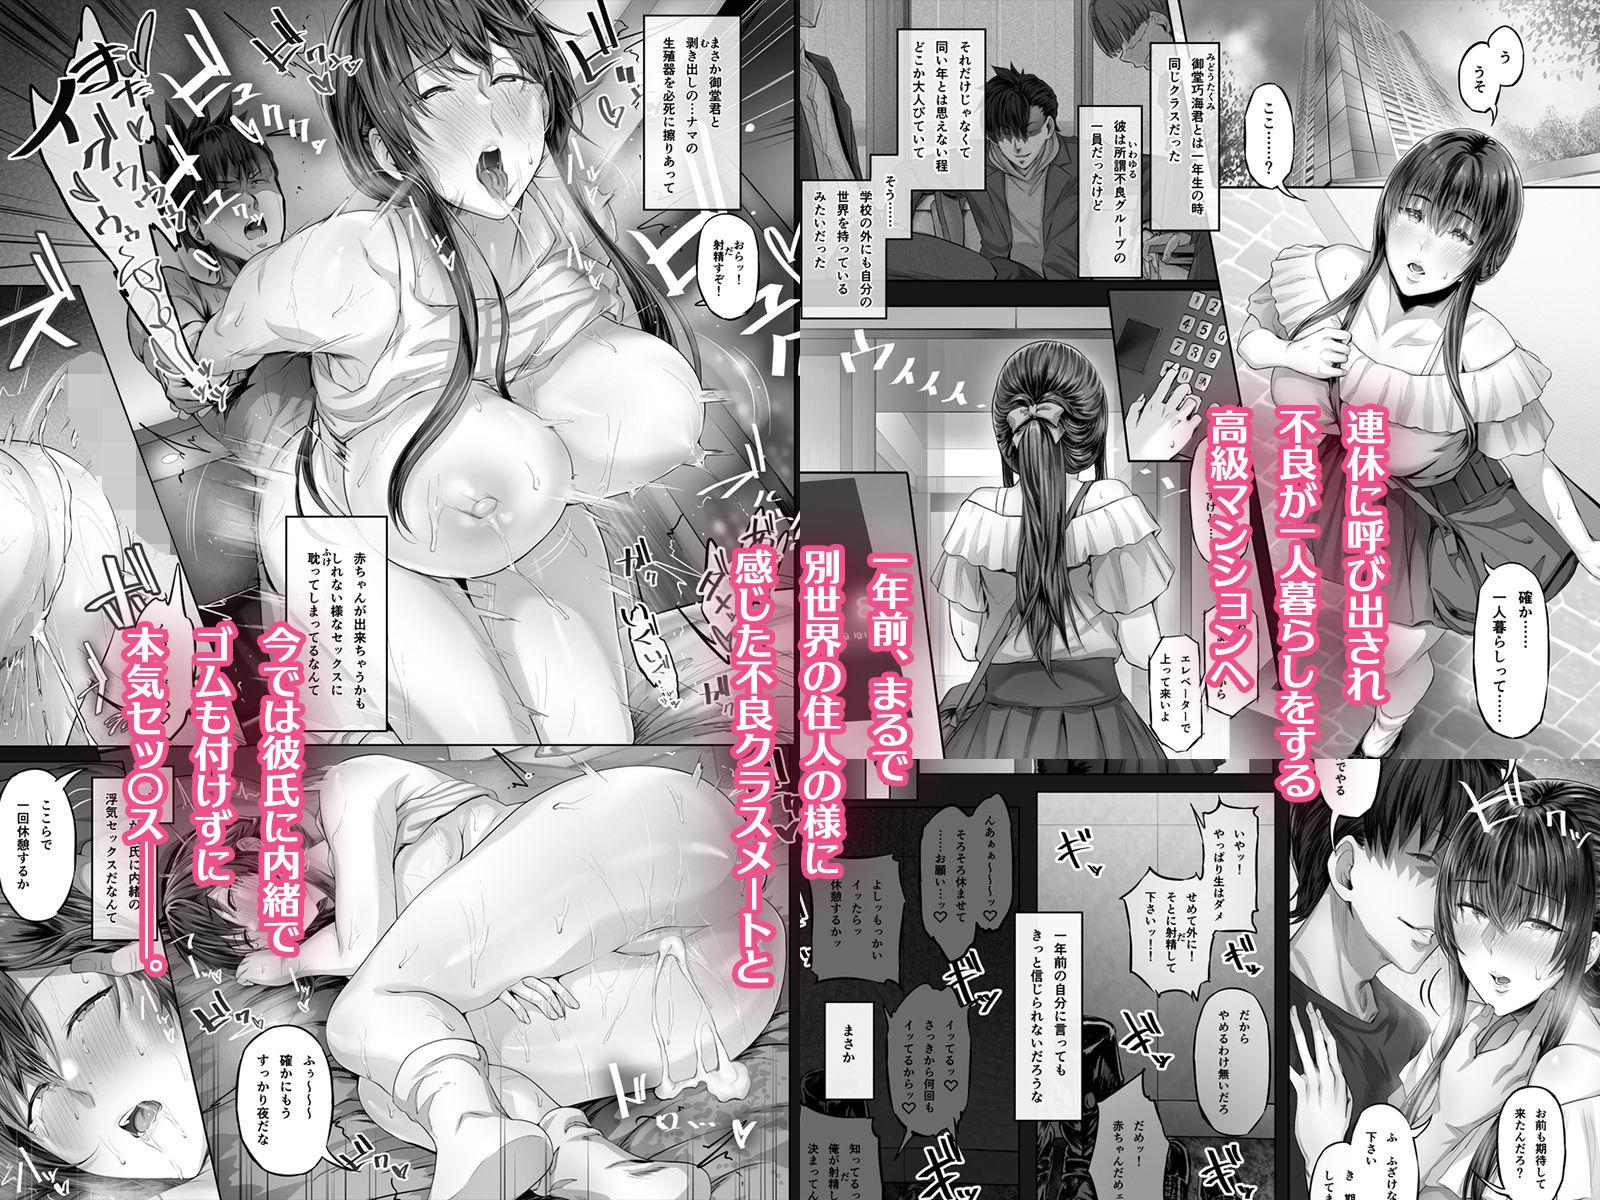 【エロ漫画】彼女がボクの知らないところで――2 地味で真面目な清楚娘が‥NTR!「サークル:Cior」【同人誌・コミック】#1